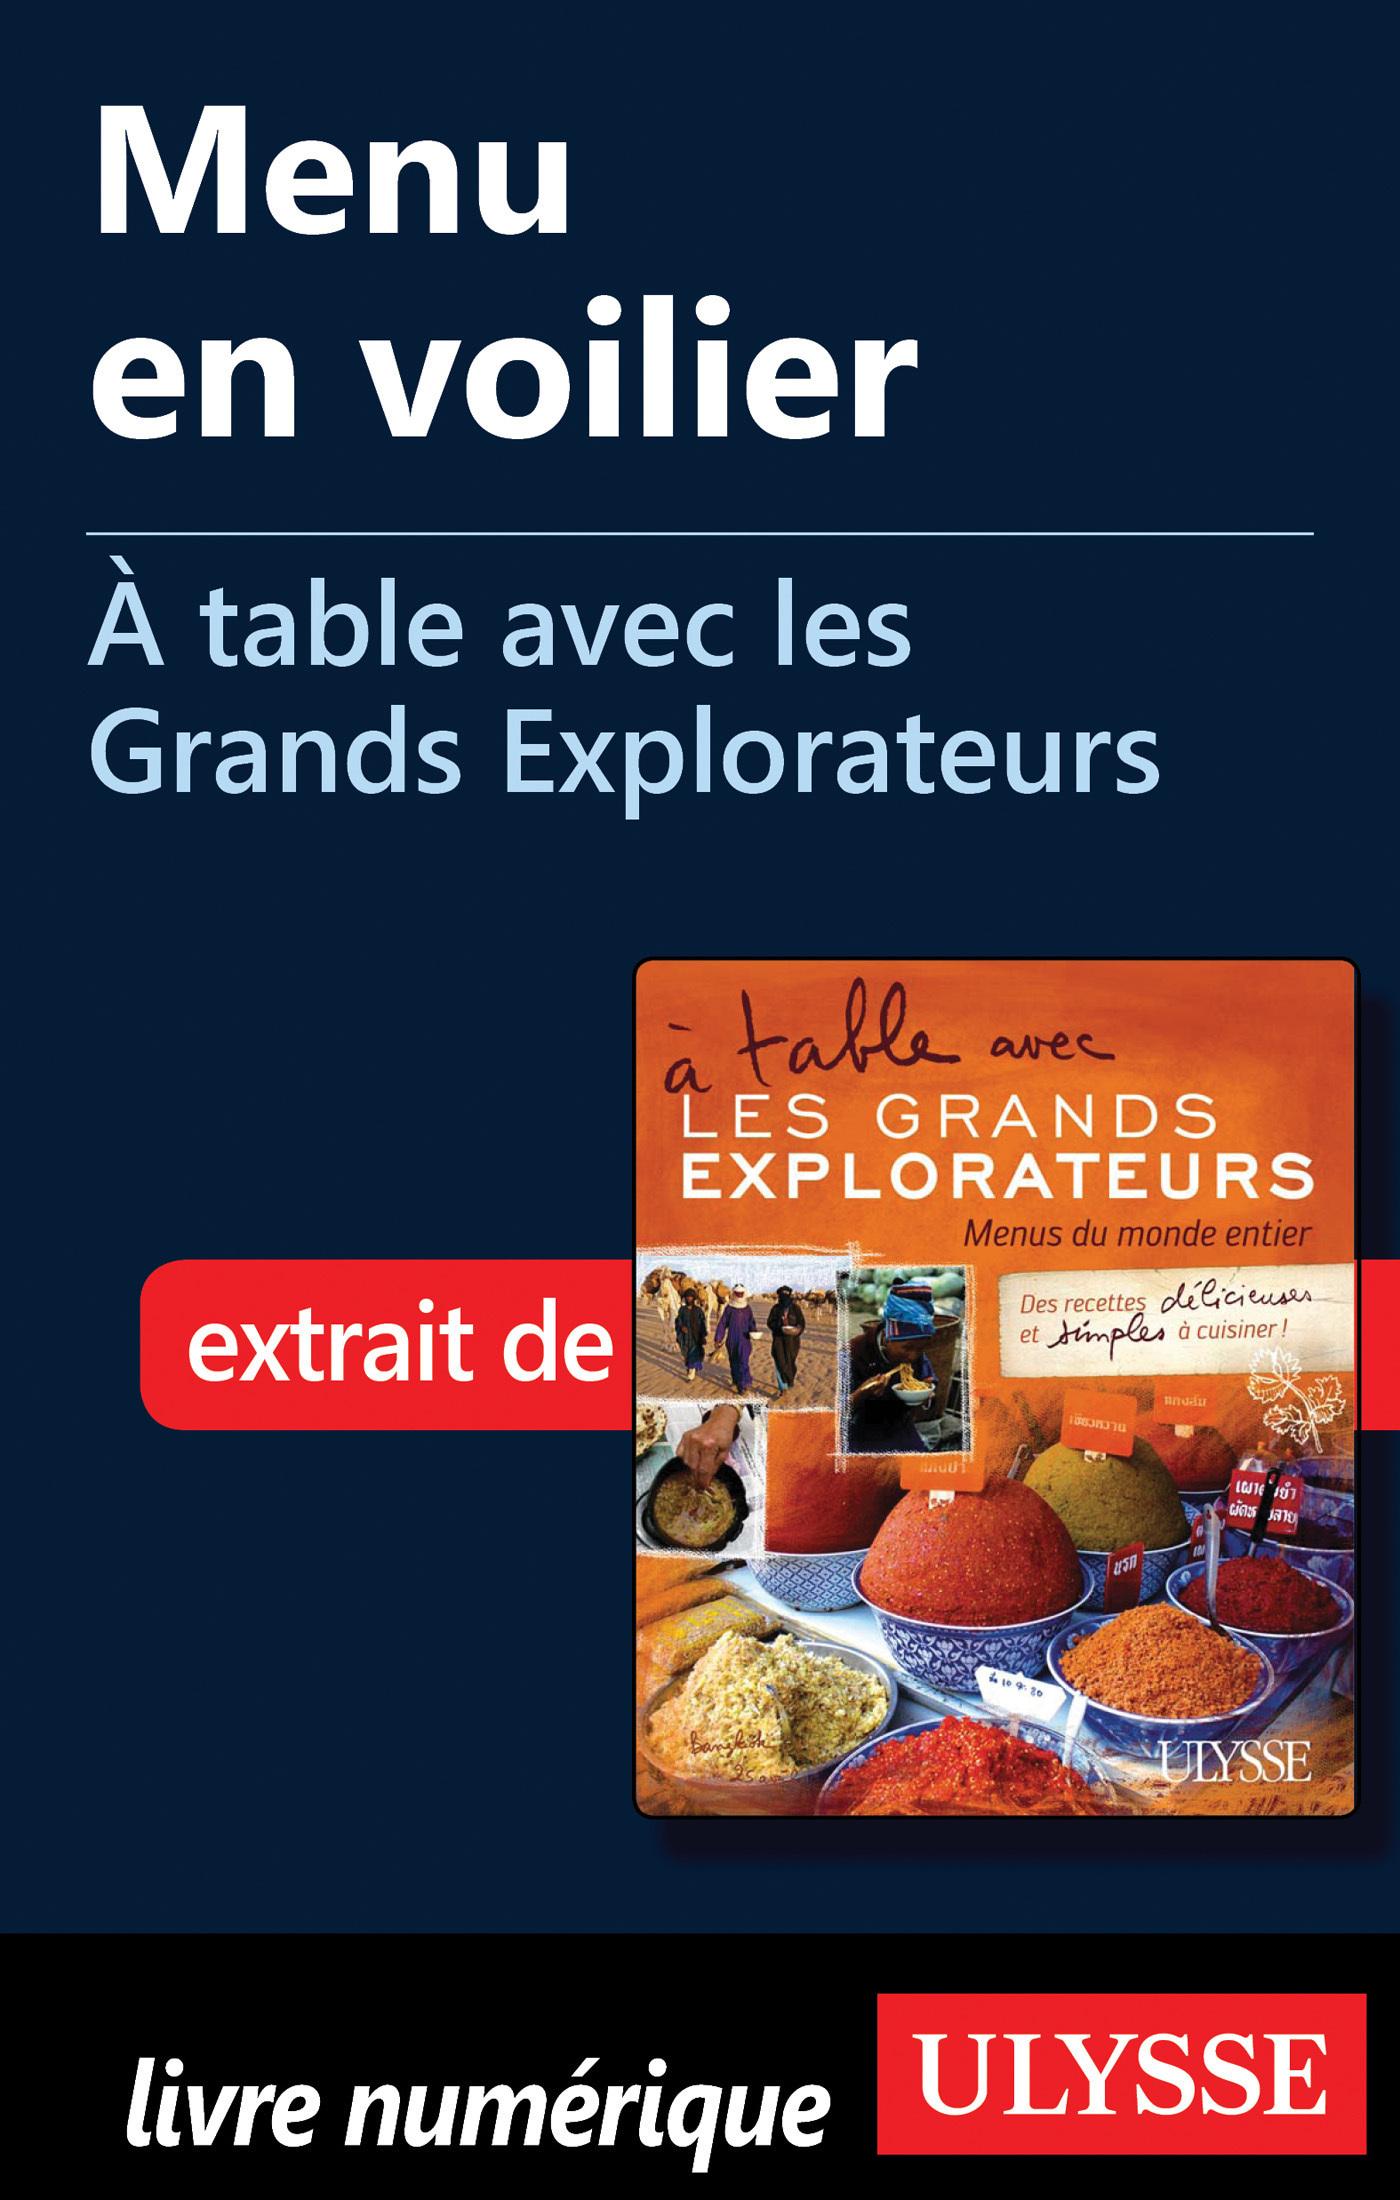 Menu en voilier - A table avec les Grands Explorateurs